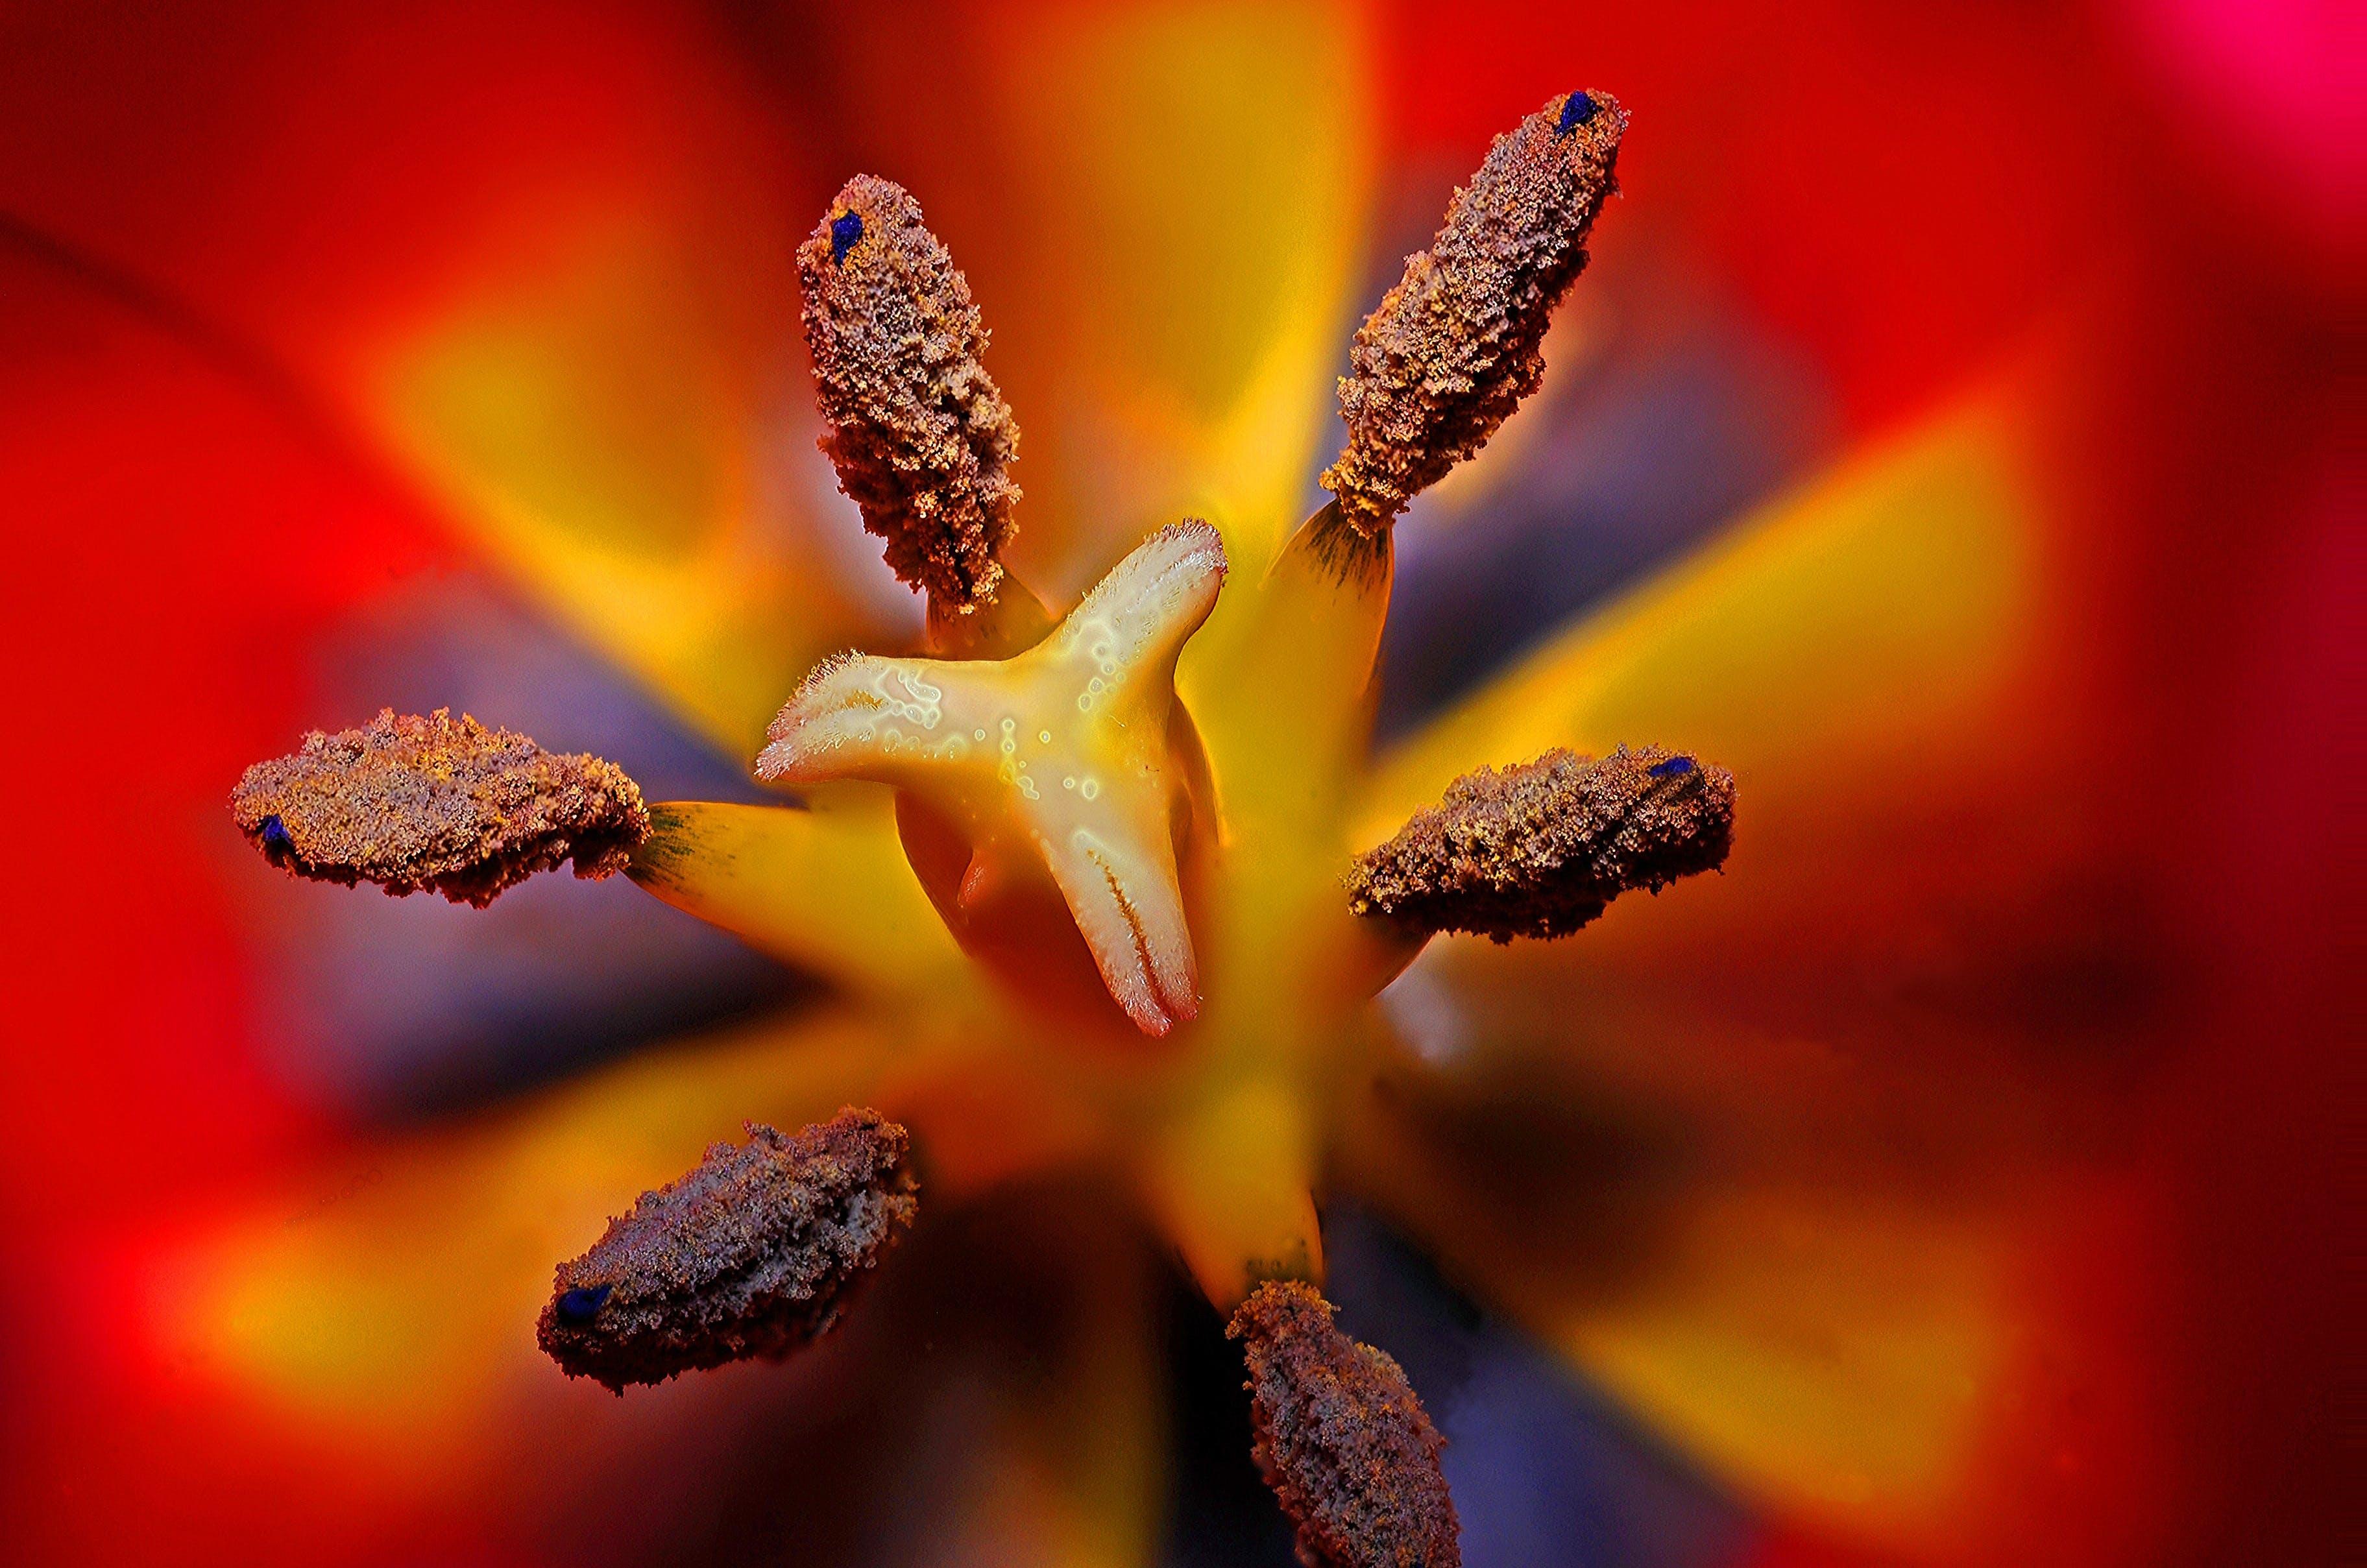 Black Yellow and Red Flower Stigma in Tilt Shift Lens